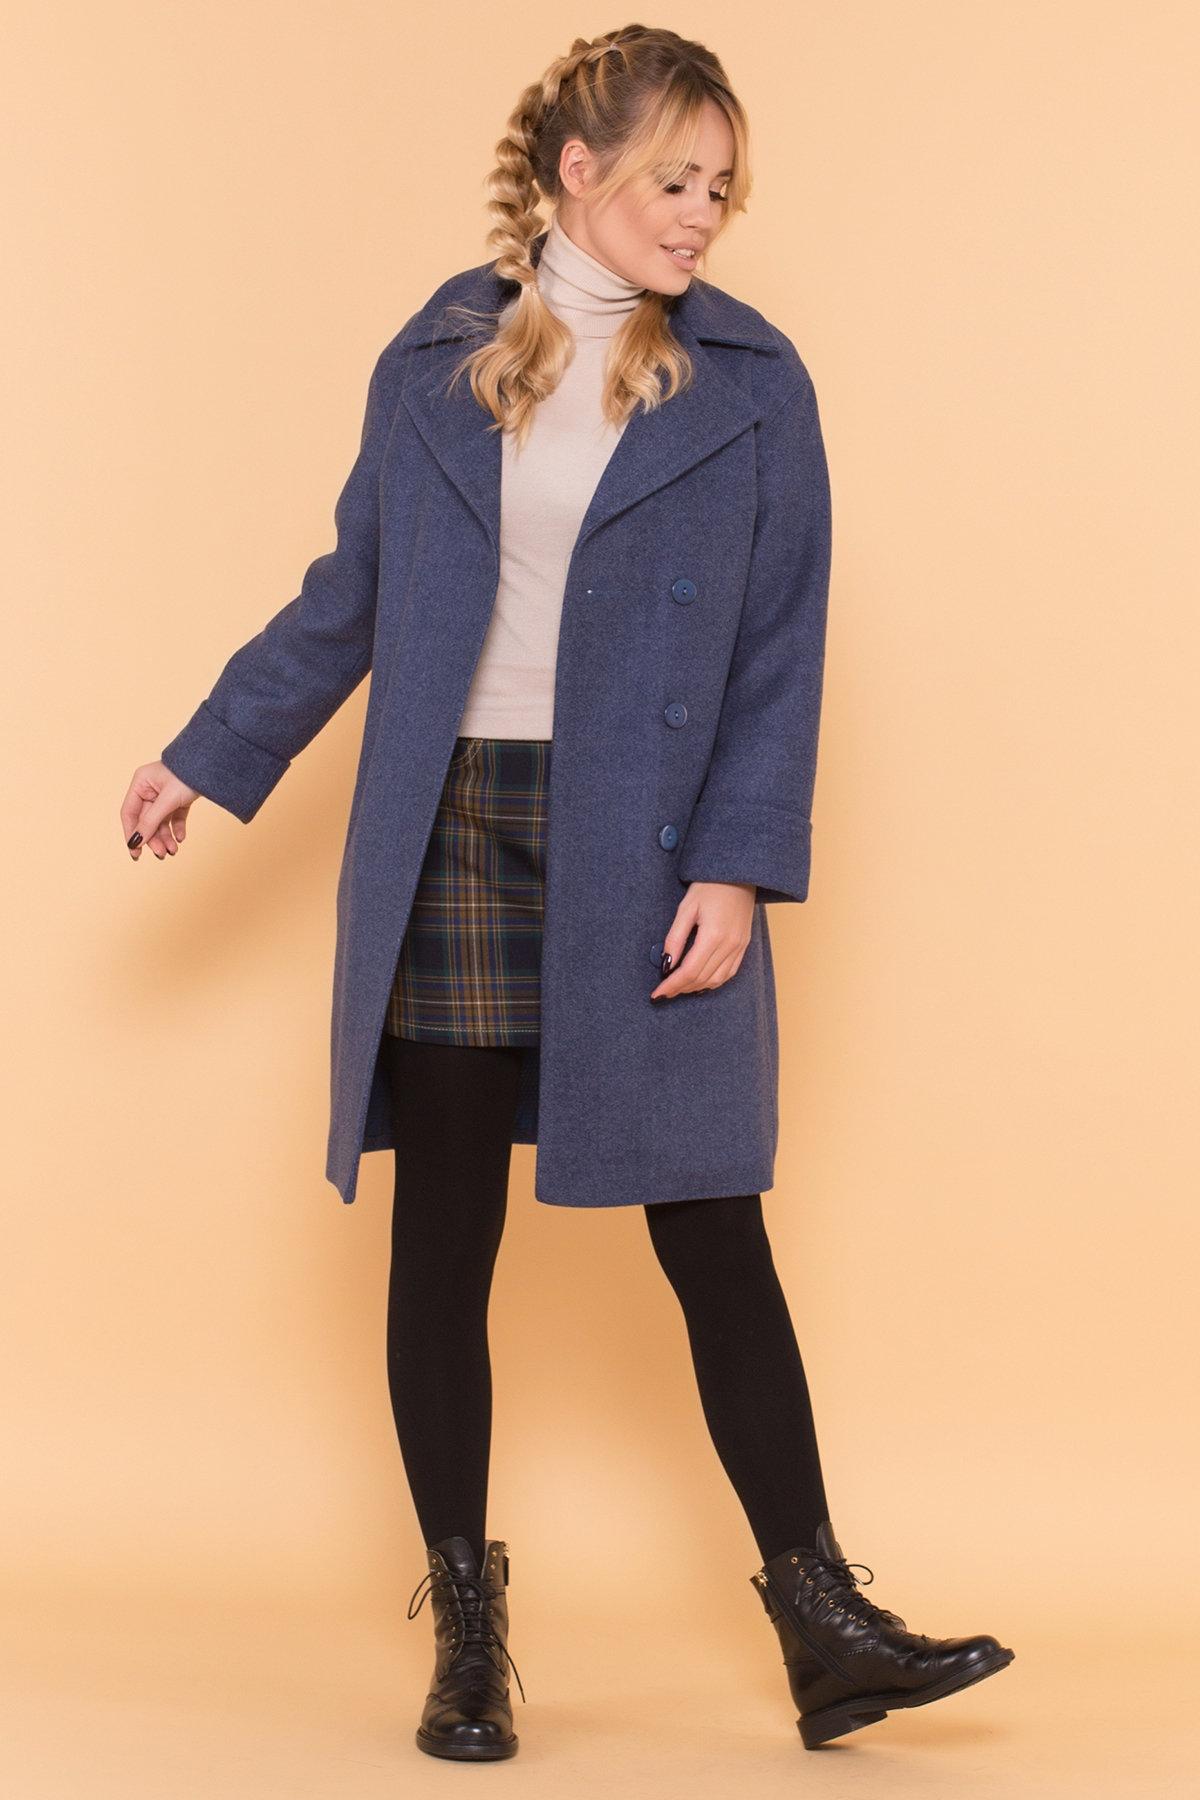 Классическое однобортное пальто зима с отложным воротником Приора 5835 АРТ. 39410 Цвет: Джинс - фото 3, интернет магазин tm-modus.ru